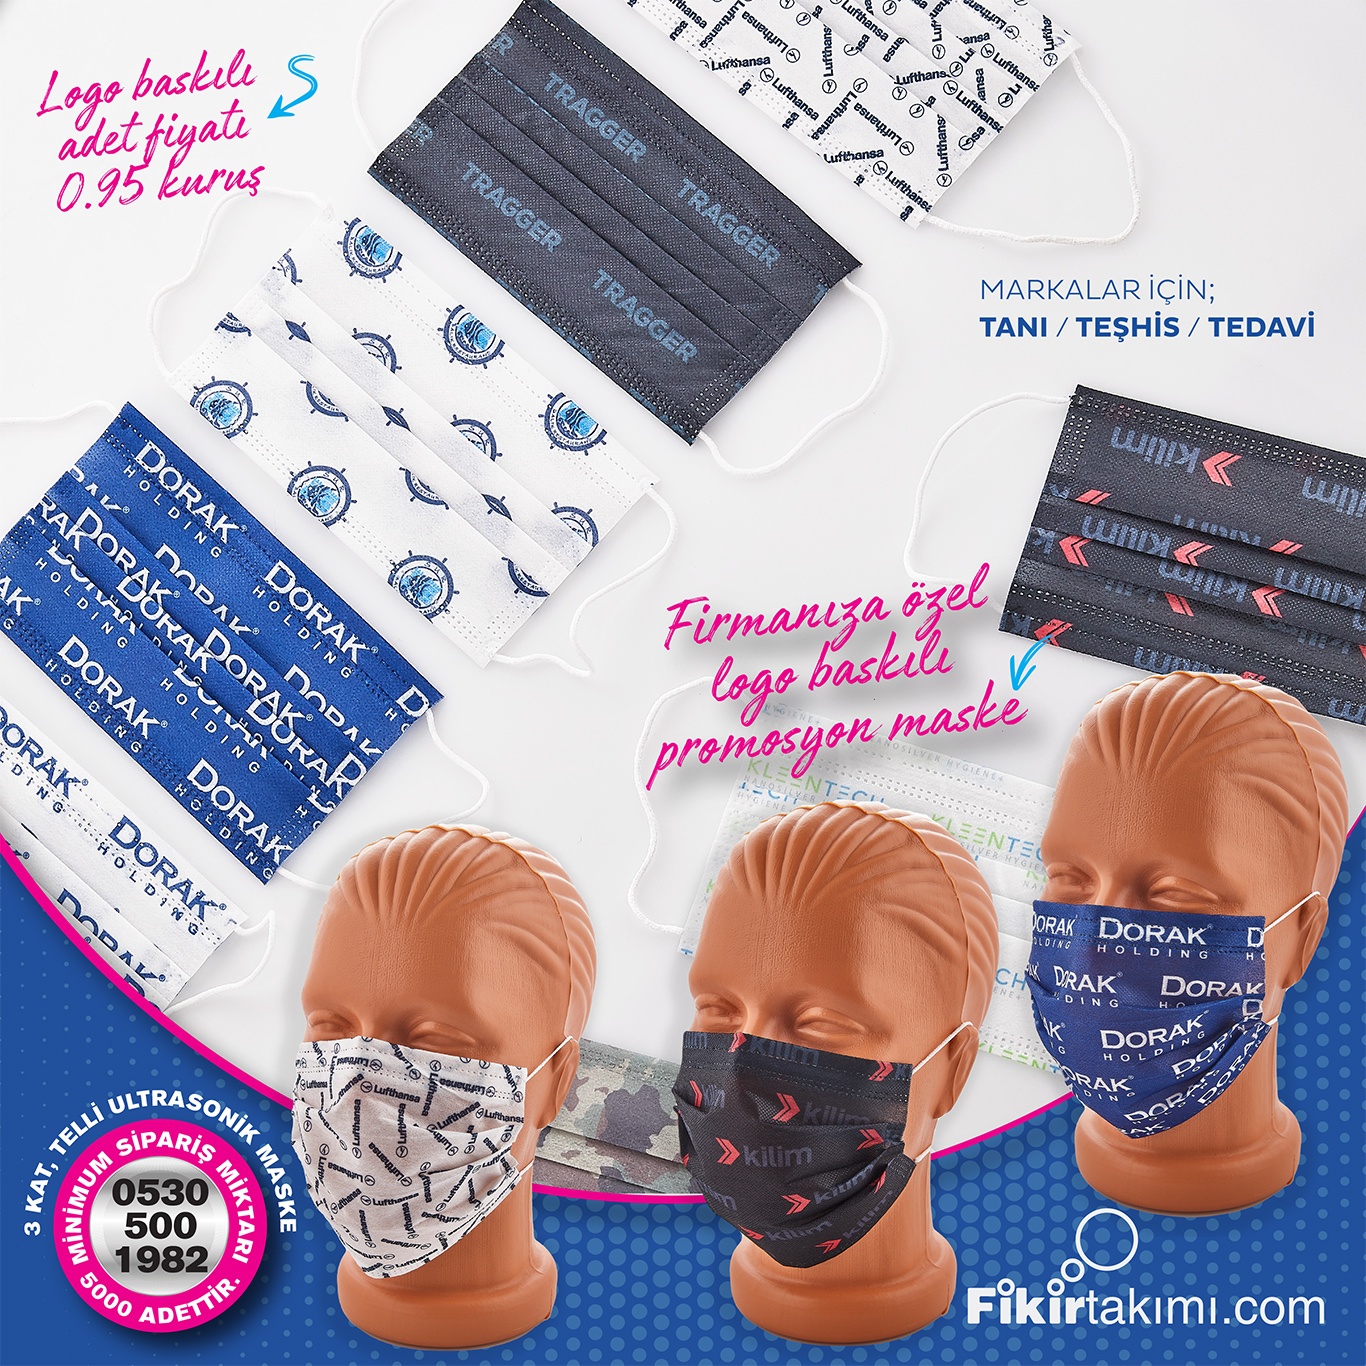 baskılı maske imalatı, kurumsal firmalara özel tasarımlı, ASGARİ 10 bin adet olarak imalat mevcuttur.